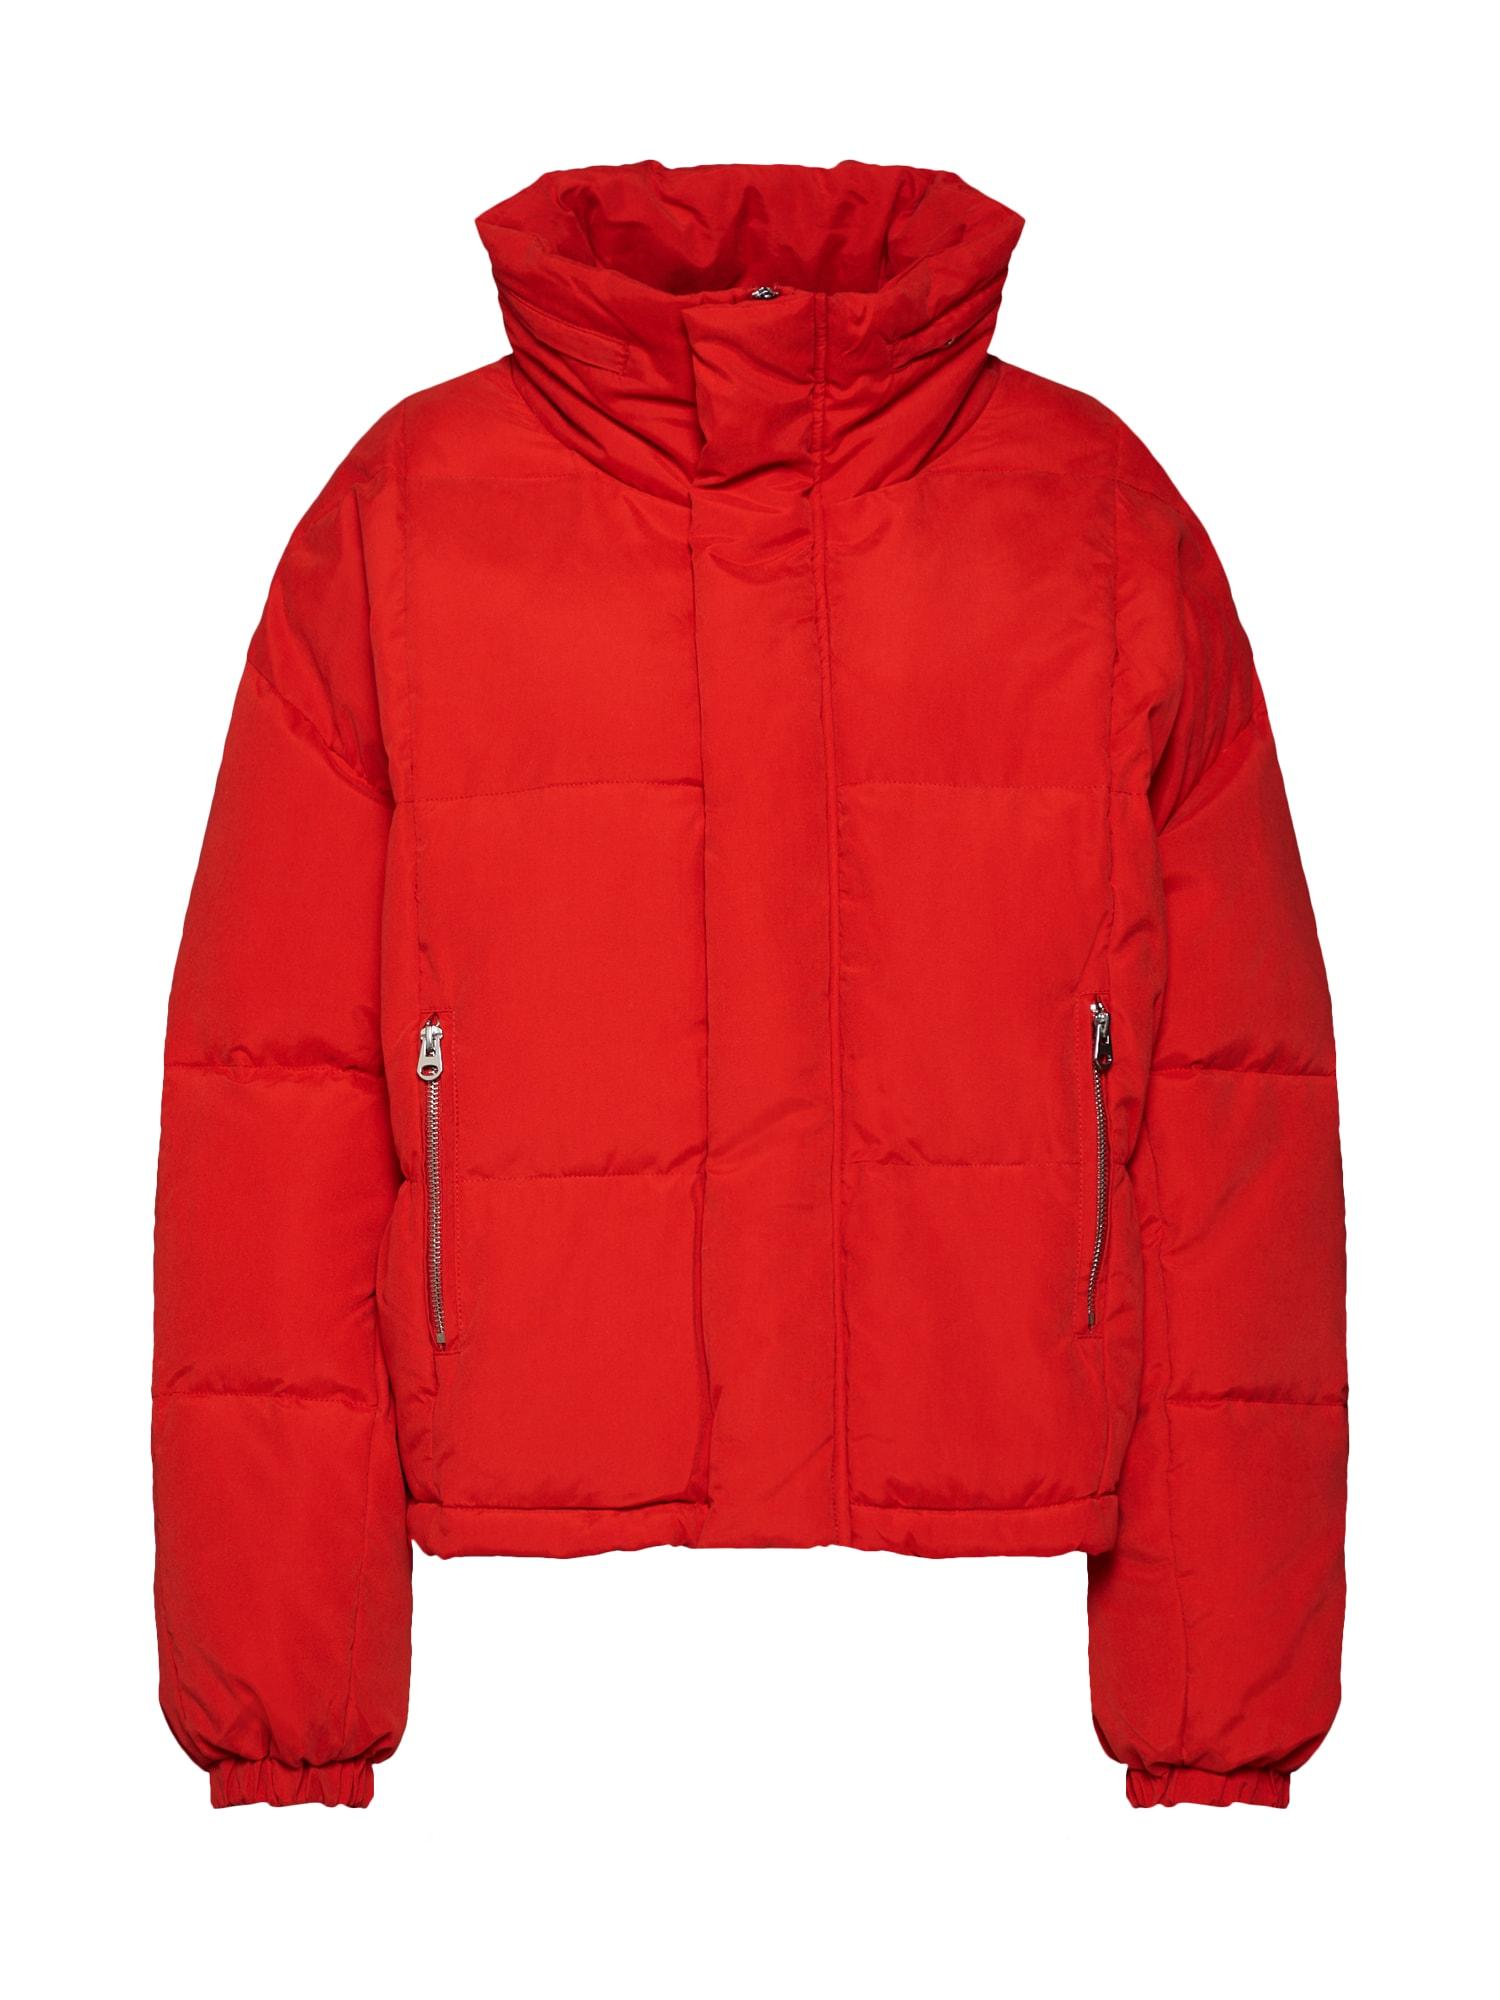 Zimní bunda oranžově červená RINO & PELLE